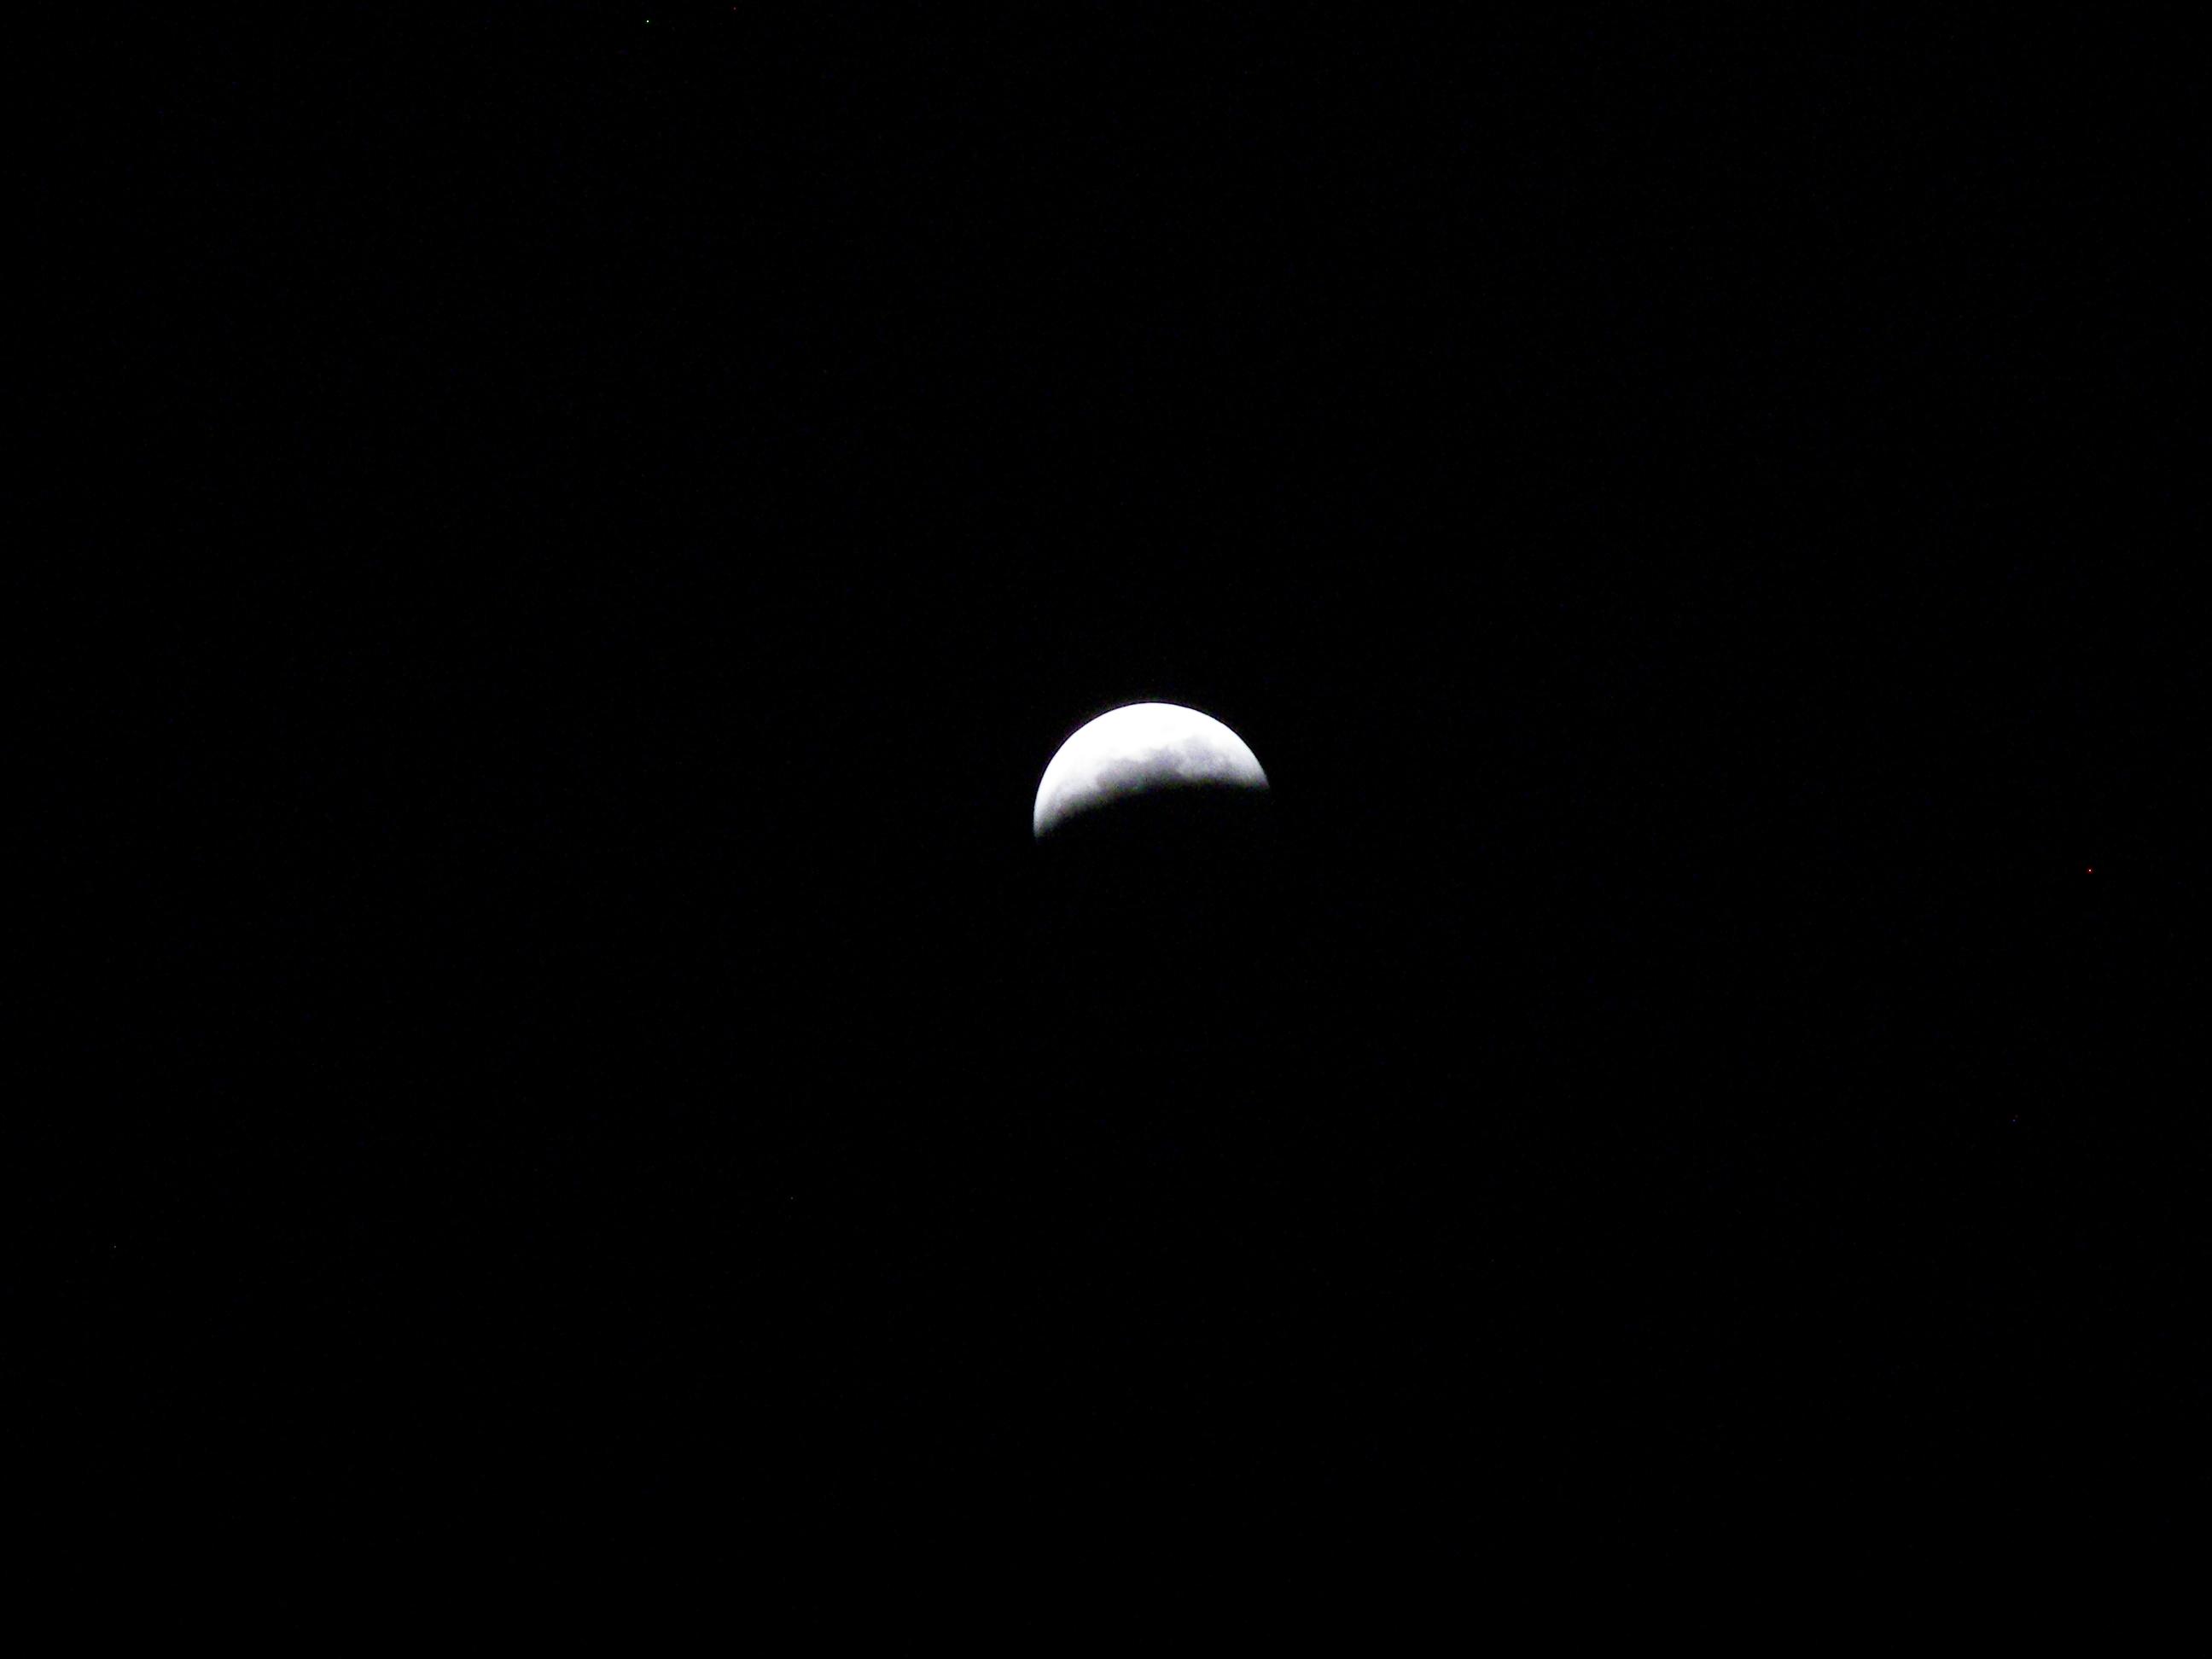 Eclipse_3_3_07 027.jpg